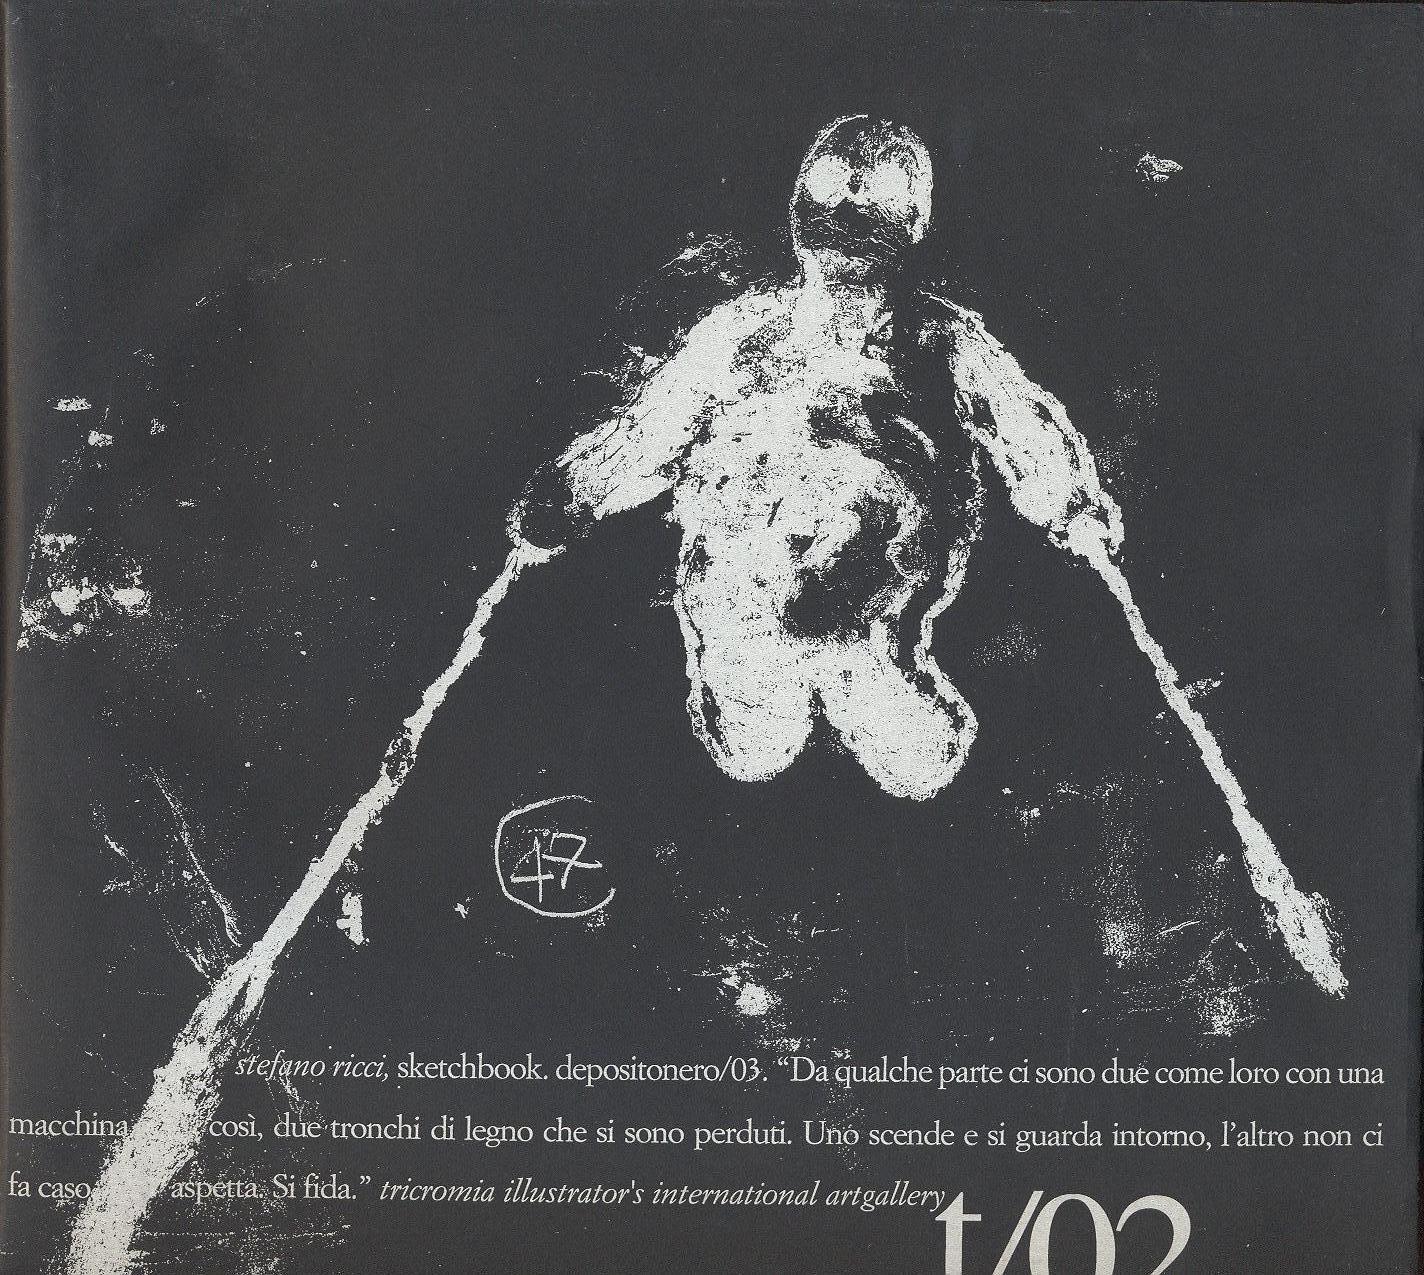 SKETCHBOOK. DEPOSITONERO/03